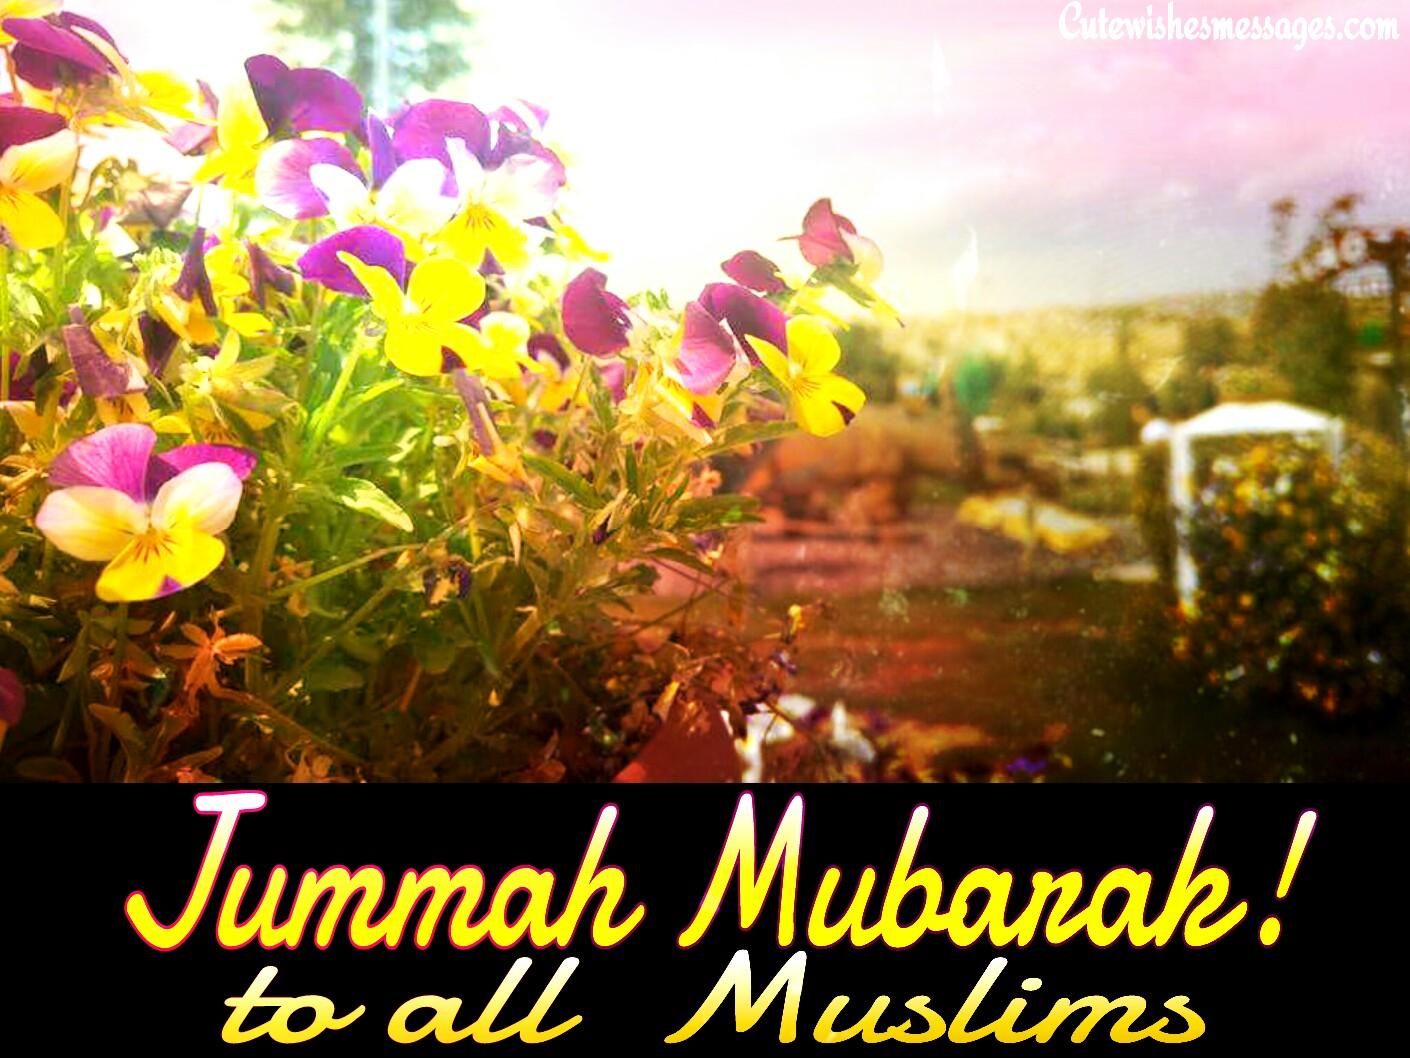 Cute Jumma Mubarak Greeting Card My Own Email